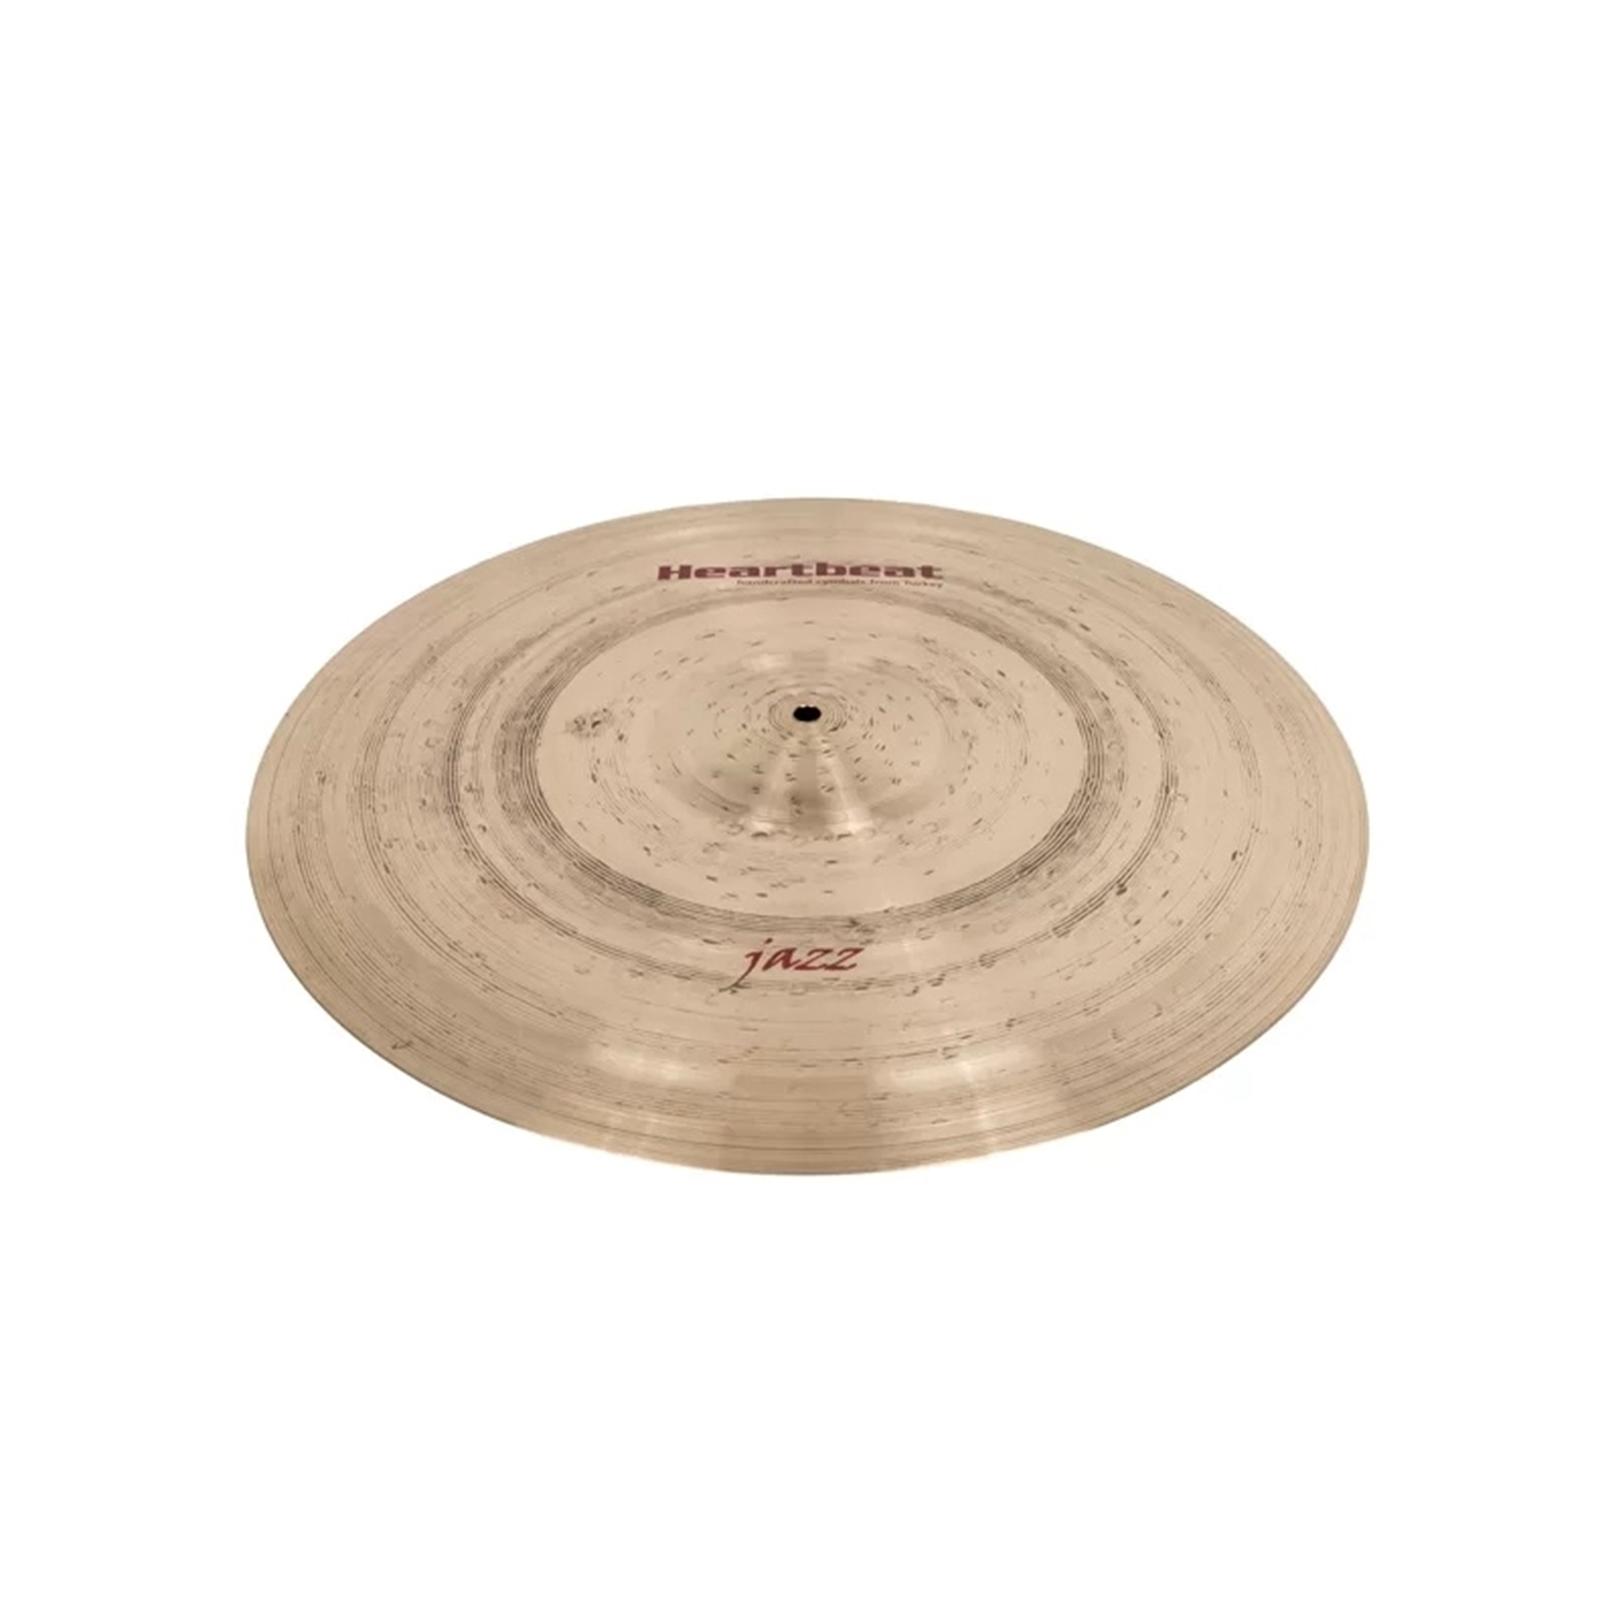 Heartbeat Jazz Crash Cymbal